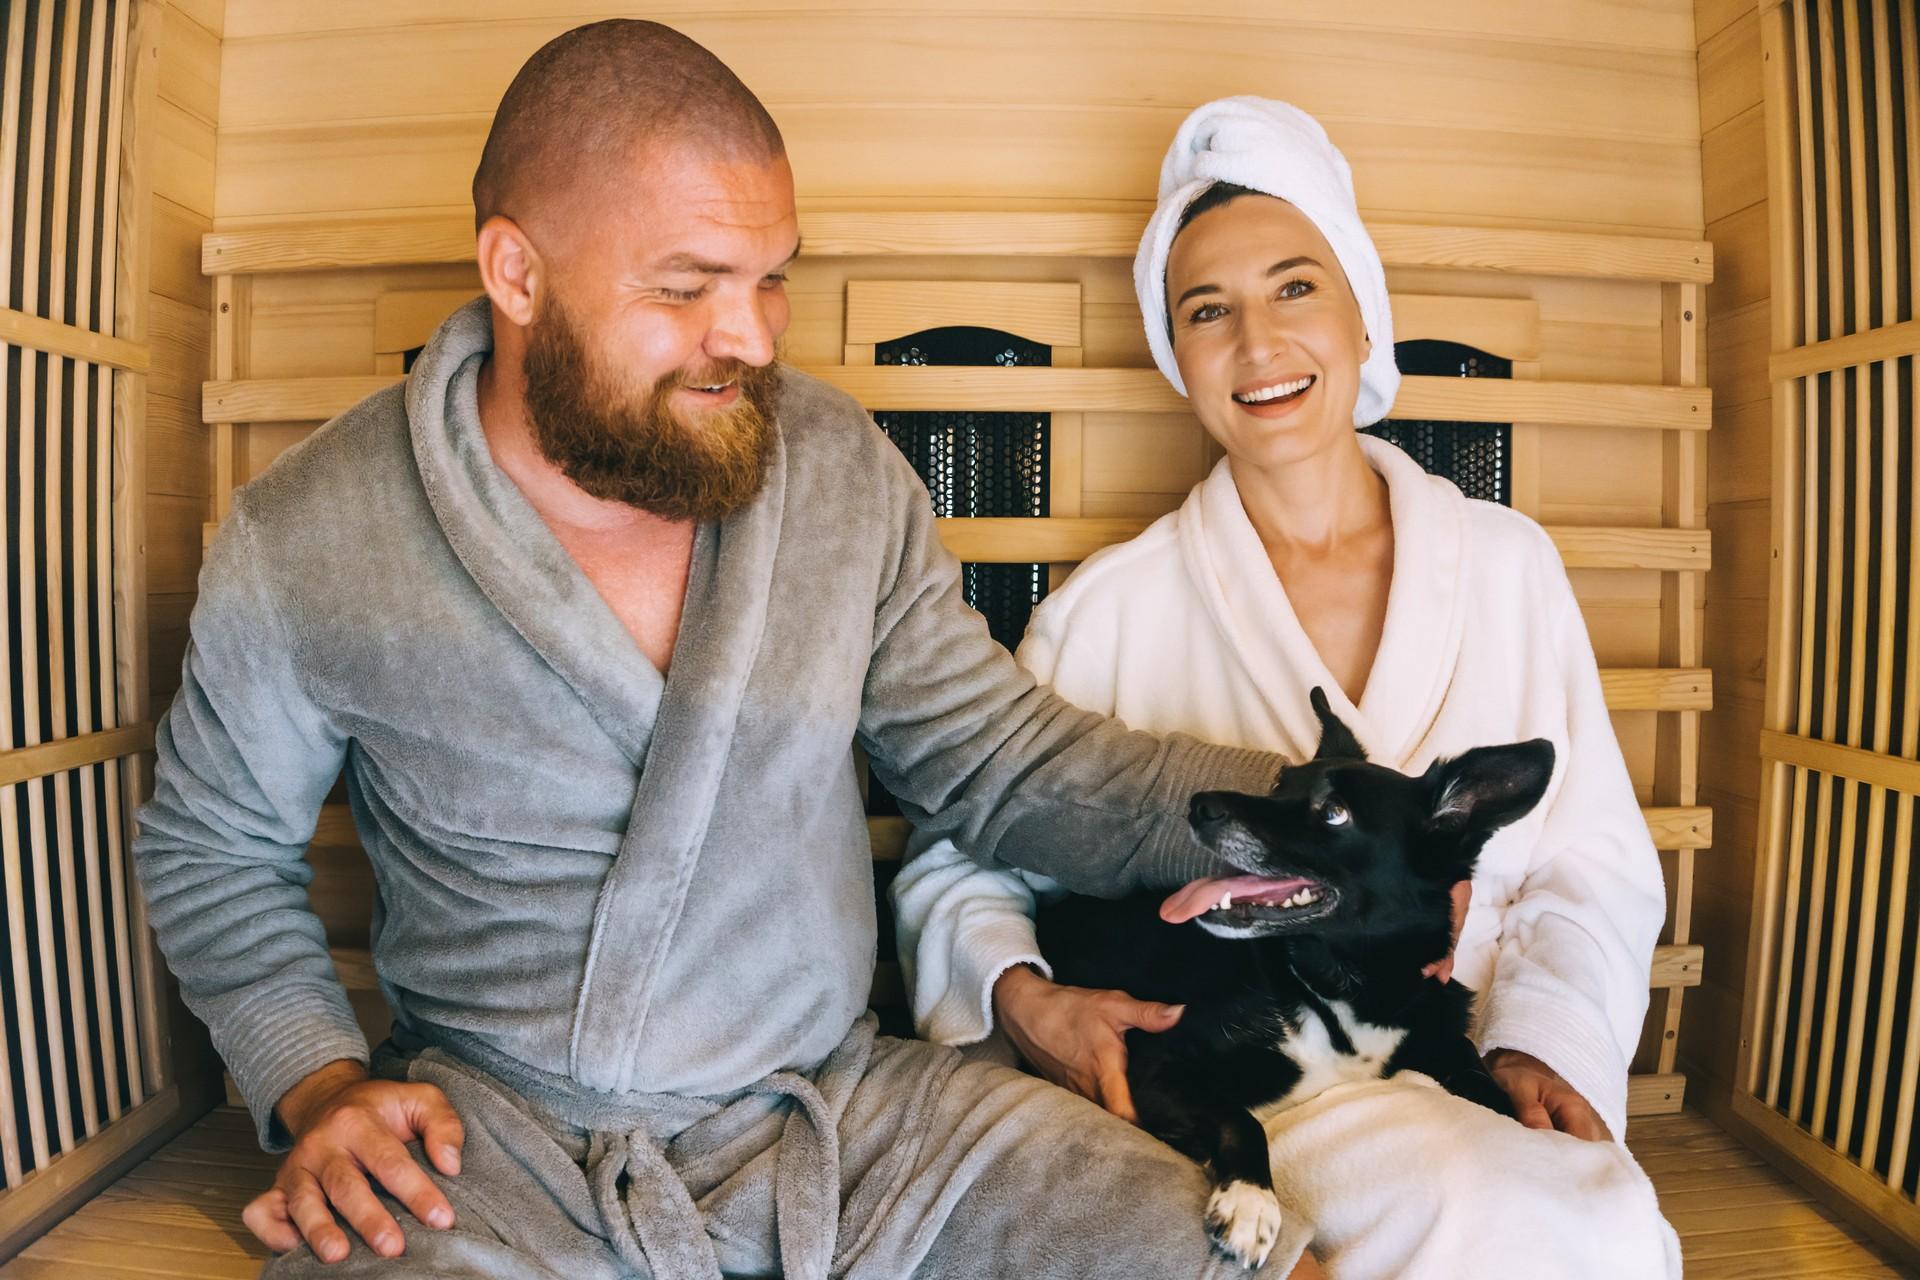 blahodarne ucinky saunovani v kvalitni infrasaune